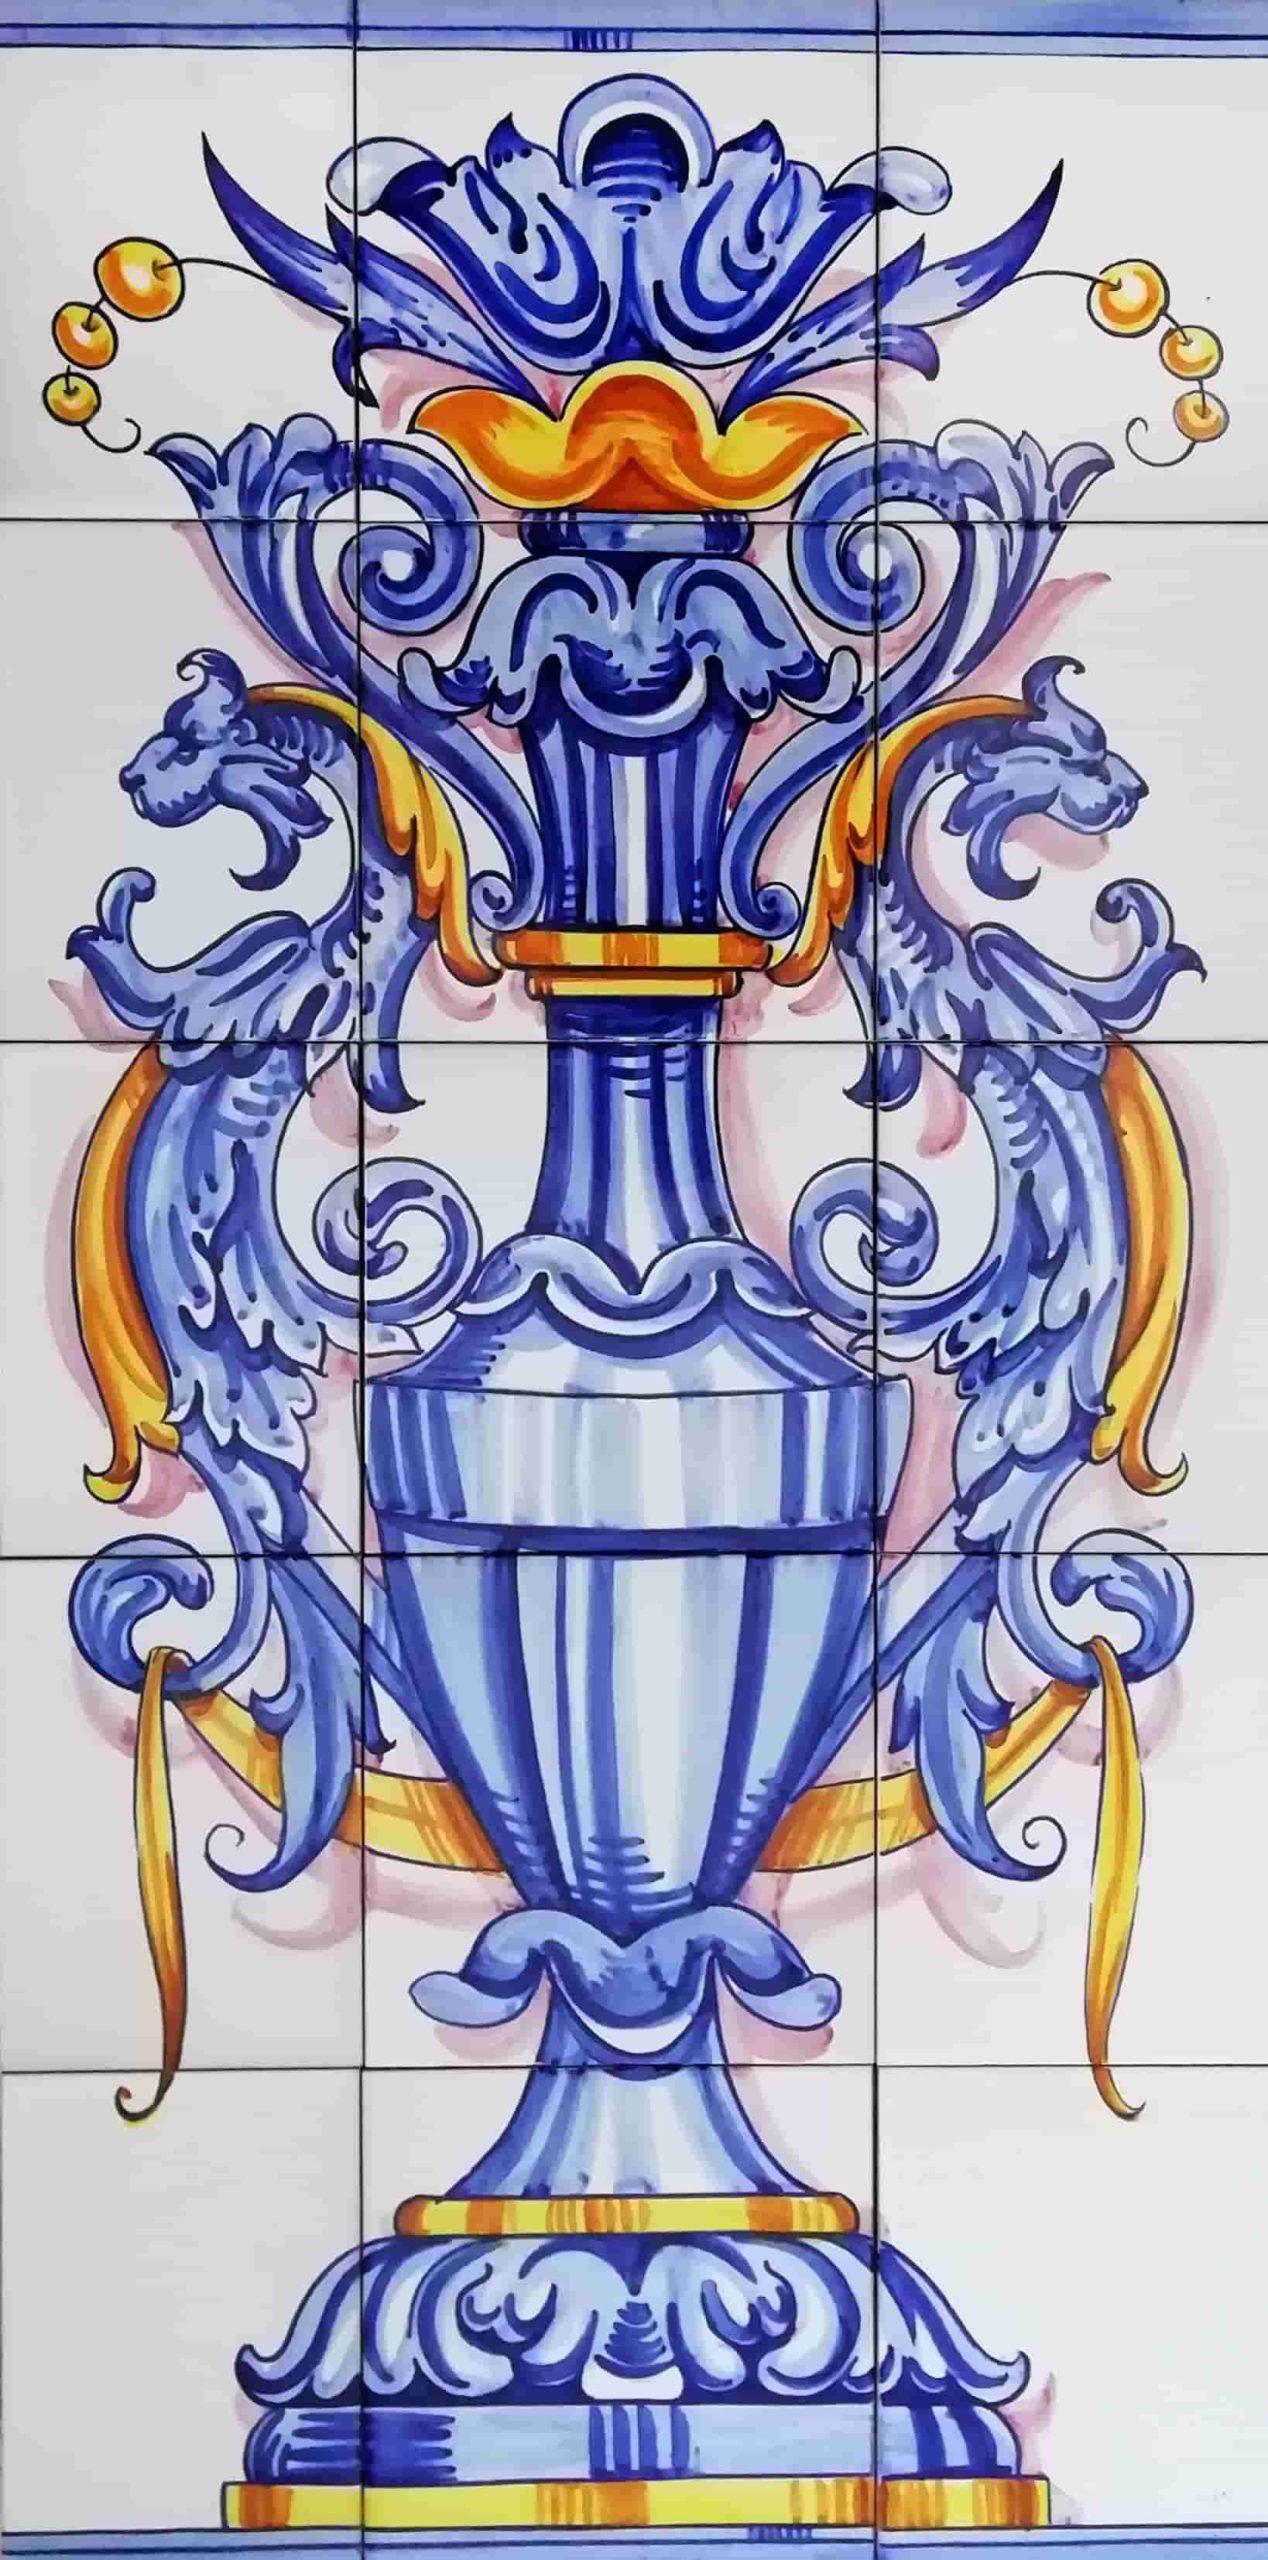 Azulejos artesanos pintados a mano en el estilo sevillano - Artesur- Ornamento vertical 75x45cm - 75576